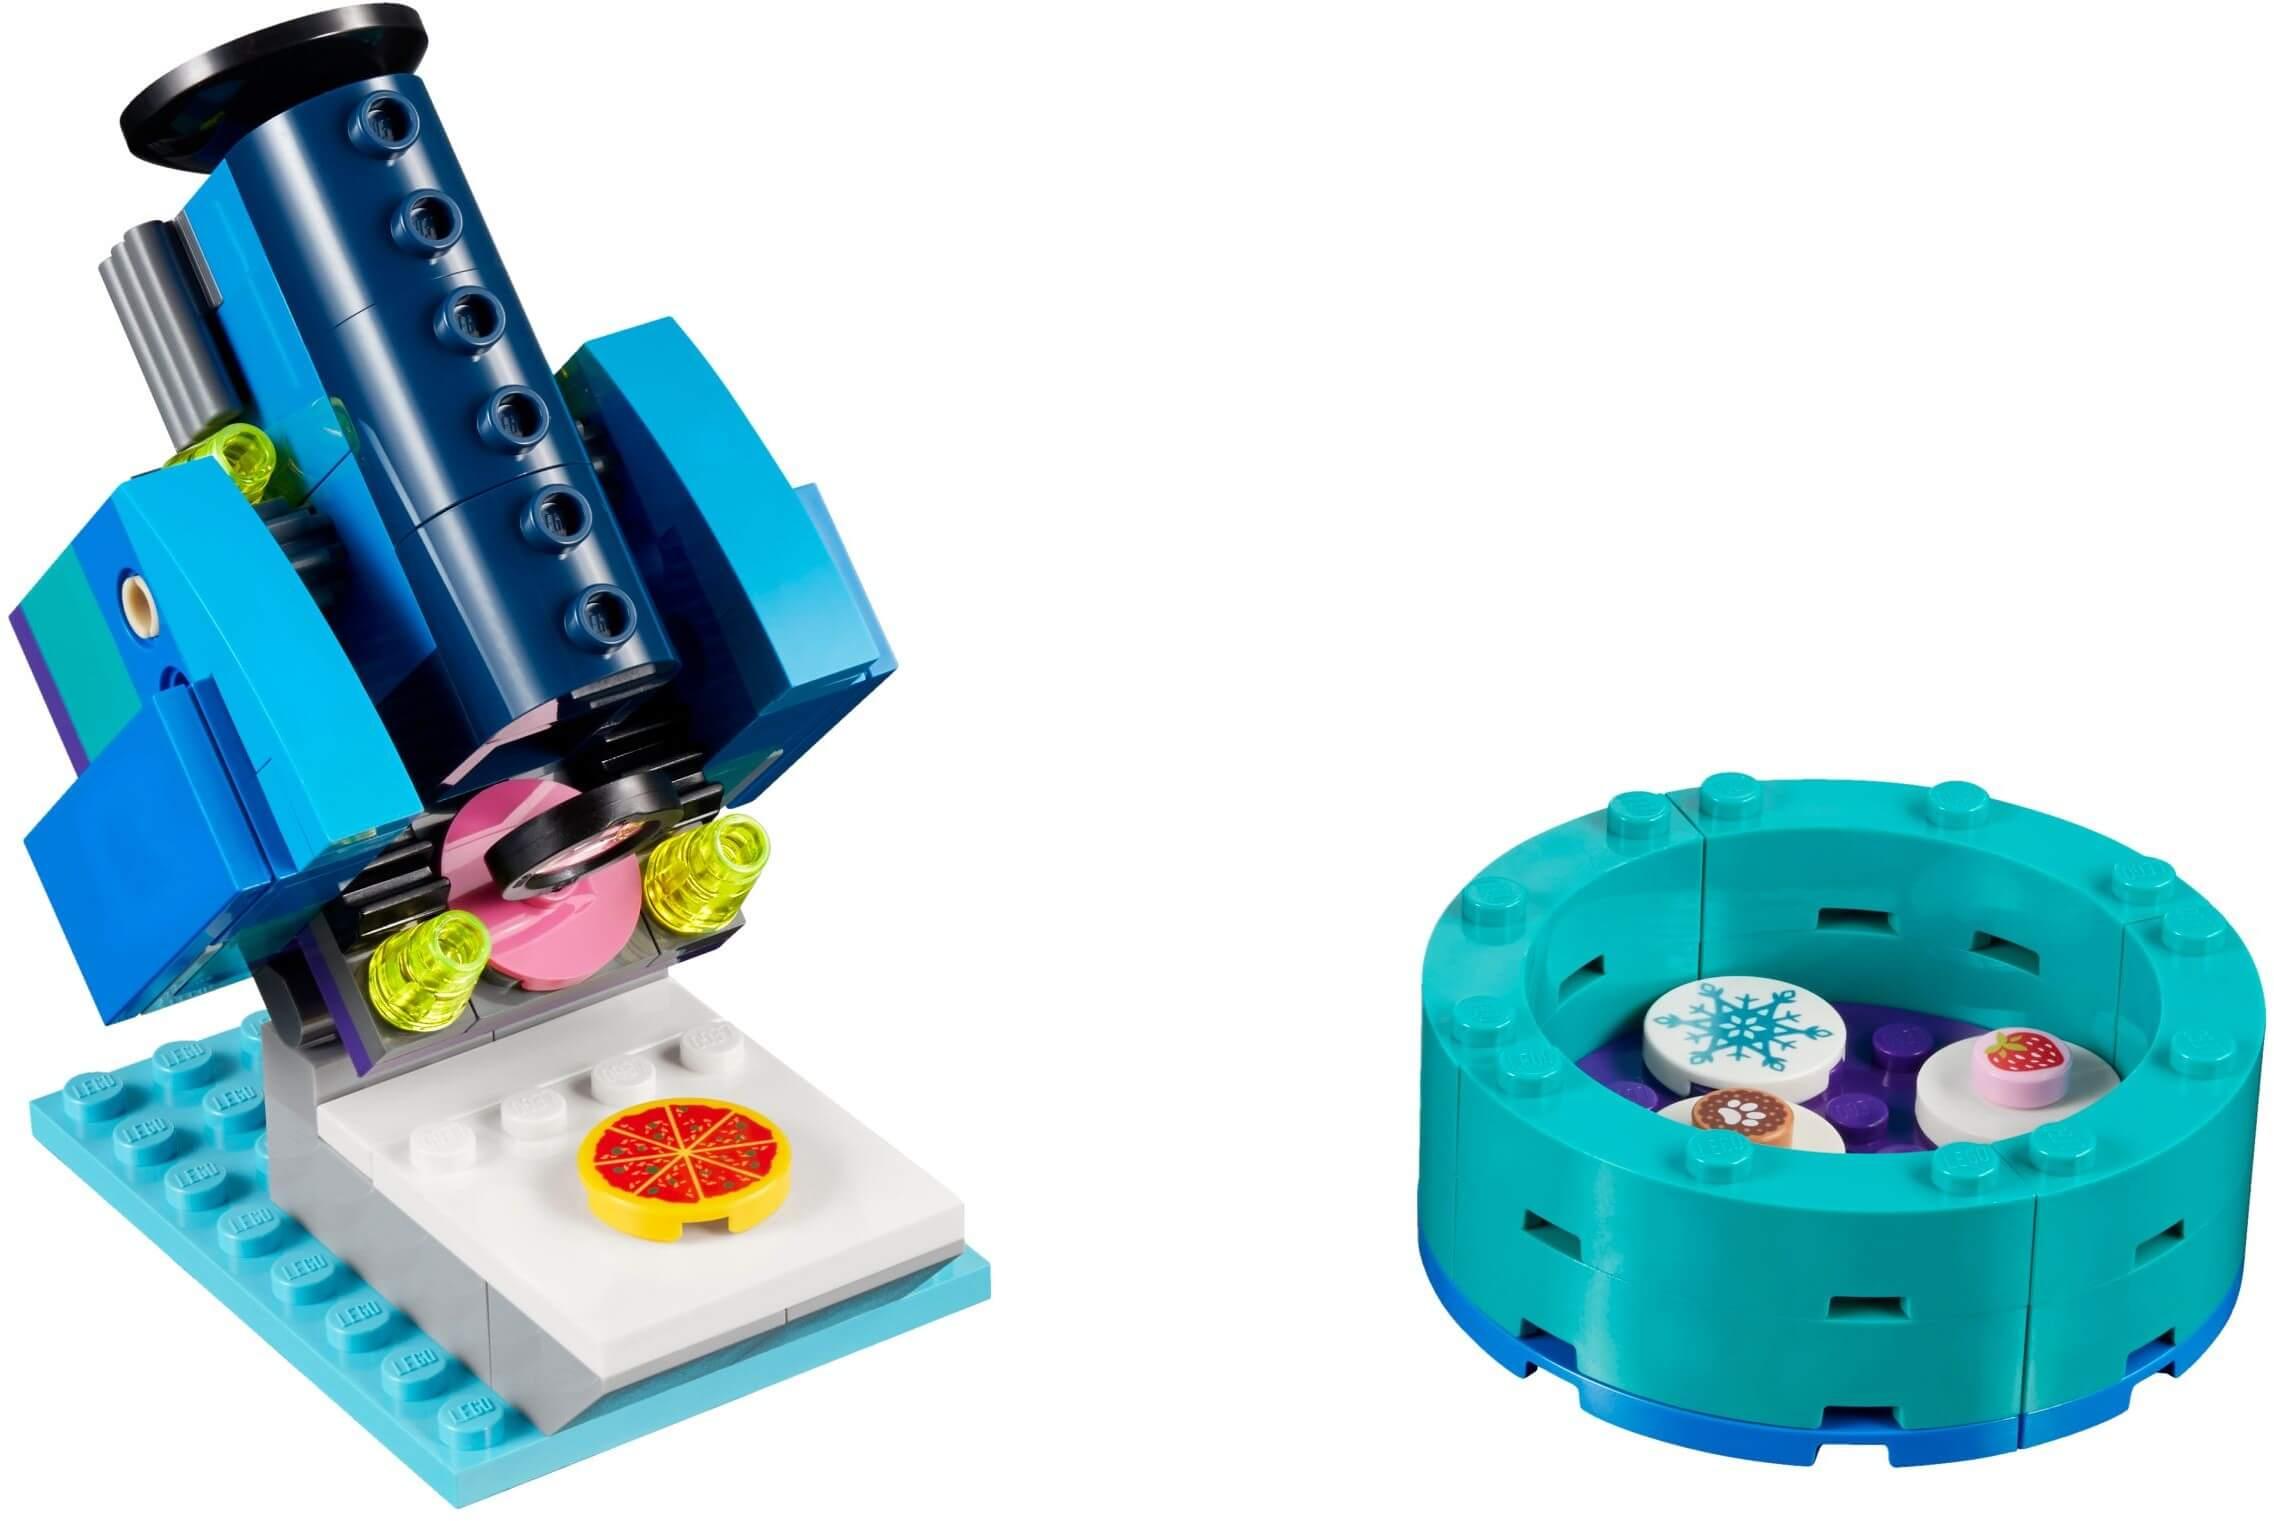 Mua đồ chơi LEGO 40314 - LEGO Unikitty 40314 - Cỗ Máy Biến Hình của Tiến Sĩ Fox (LEGO 40314 Dr. Fox Magnifying Machine)